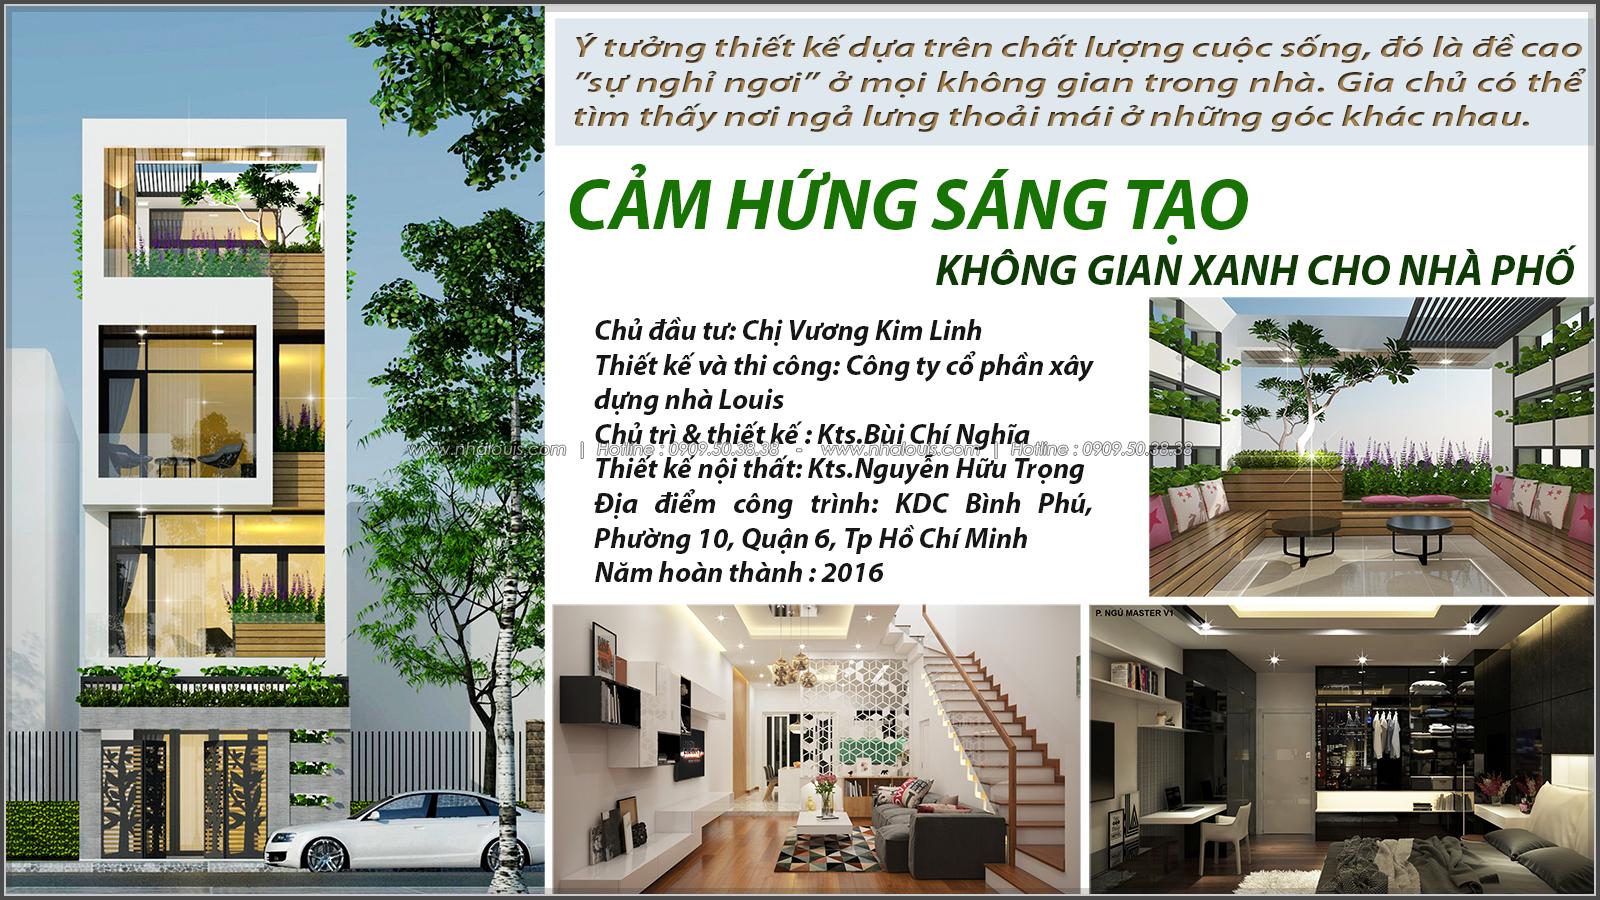 Thiết kế mặt tiền nhà phố 5m 3 tầng ở quận 6 đẹp hiện đại và sang trọng - 01